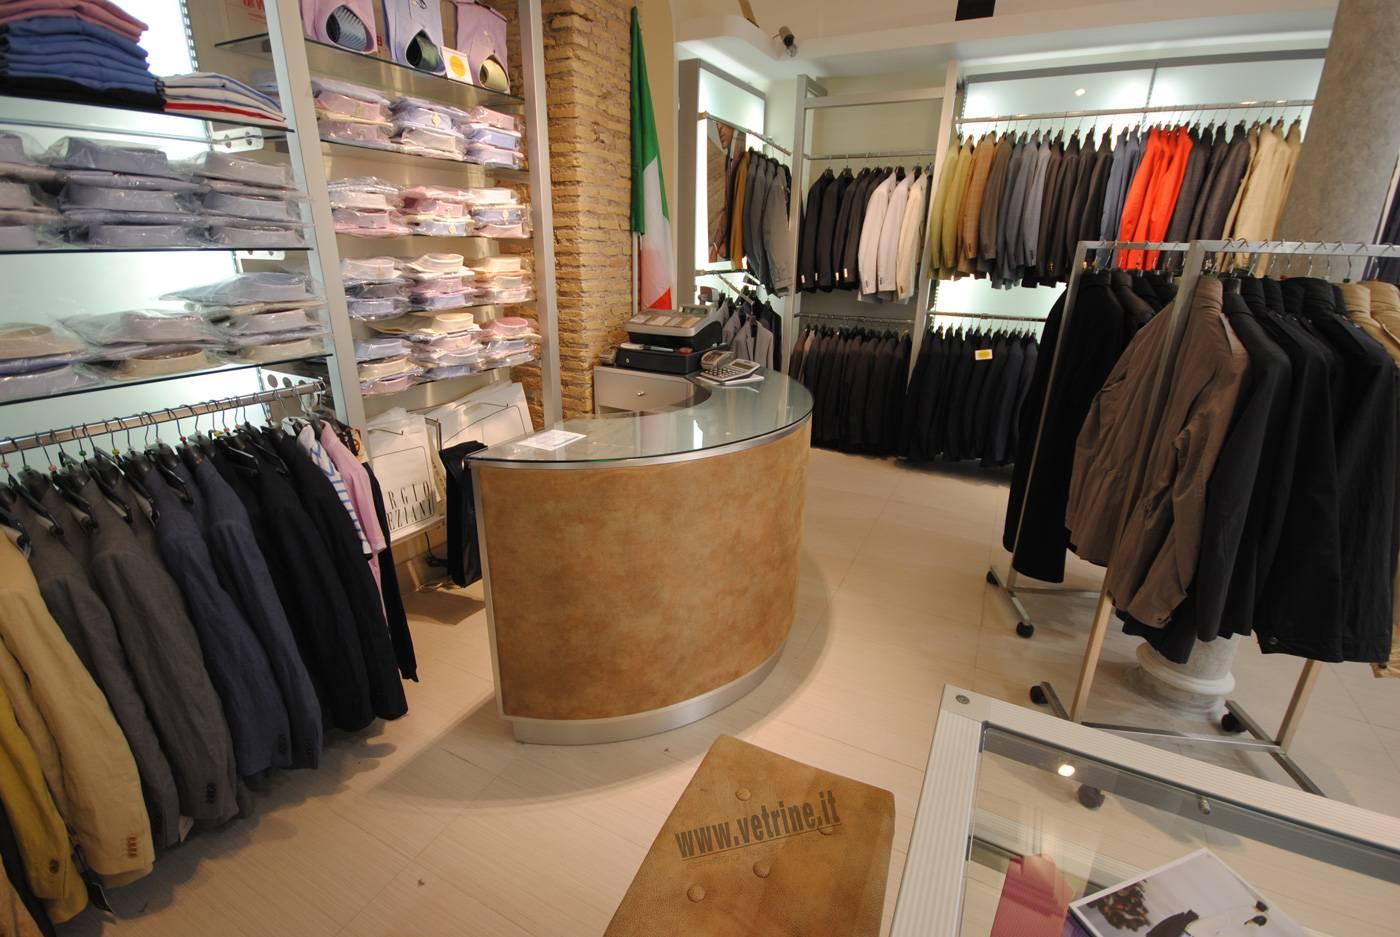 arredamento negozio abbigliamento:stilitalia | tutto per negozi.com - Arredamento Moderno Negozio Abbigliamento